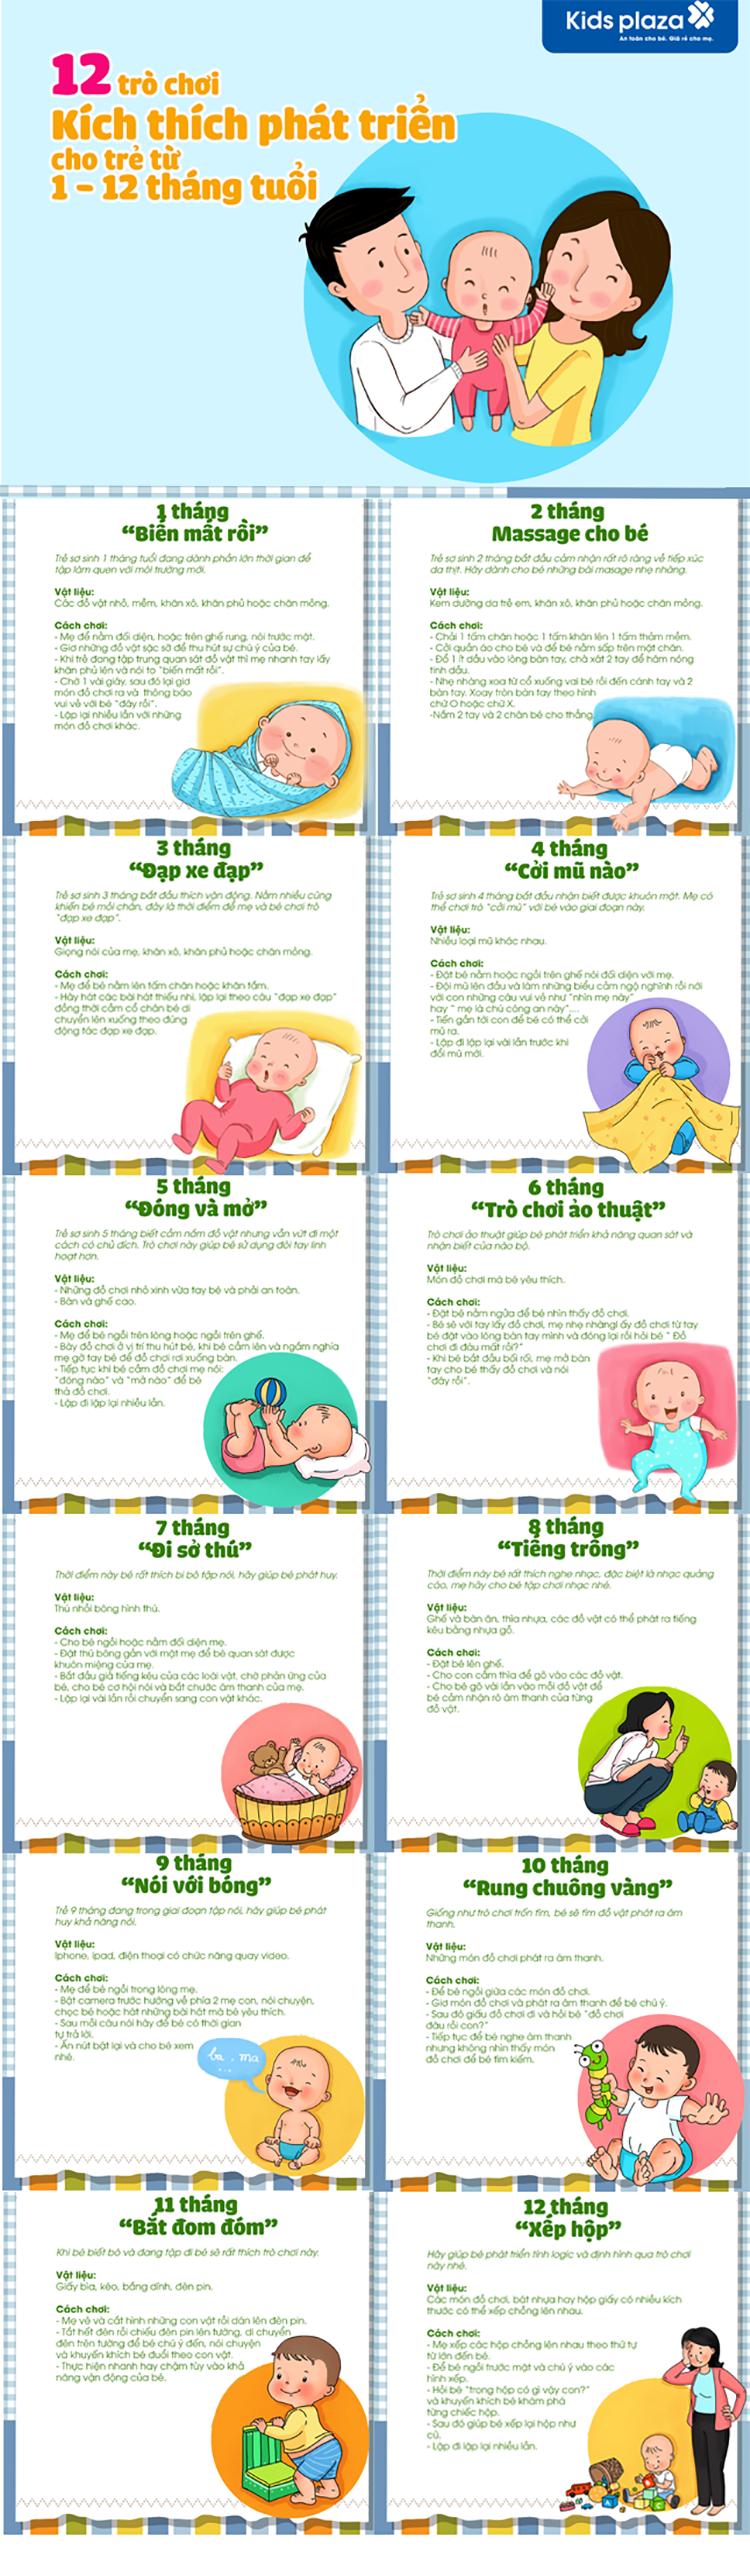 12 trò chơi kích thích phát triển cho trẻ 1-12 tháng